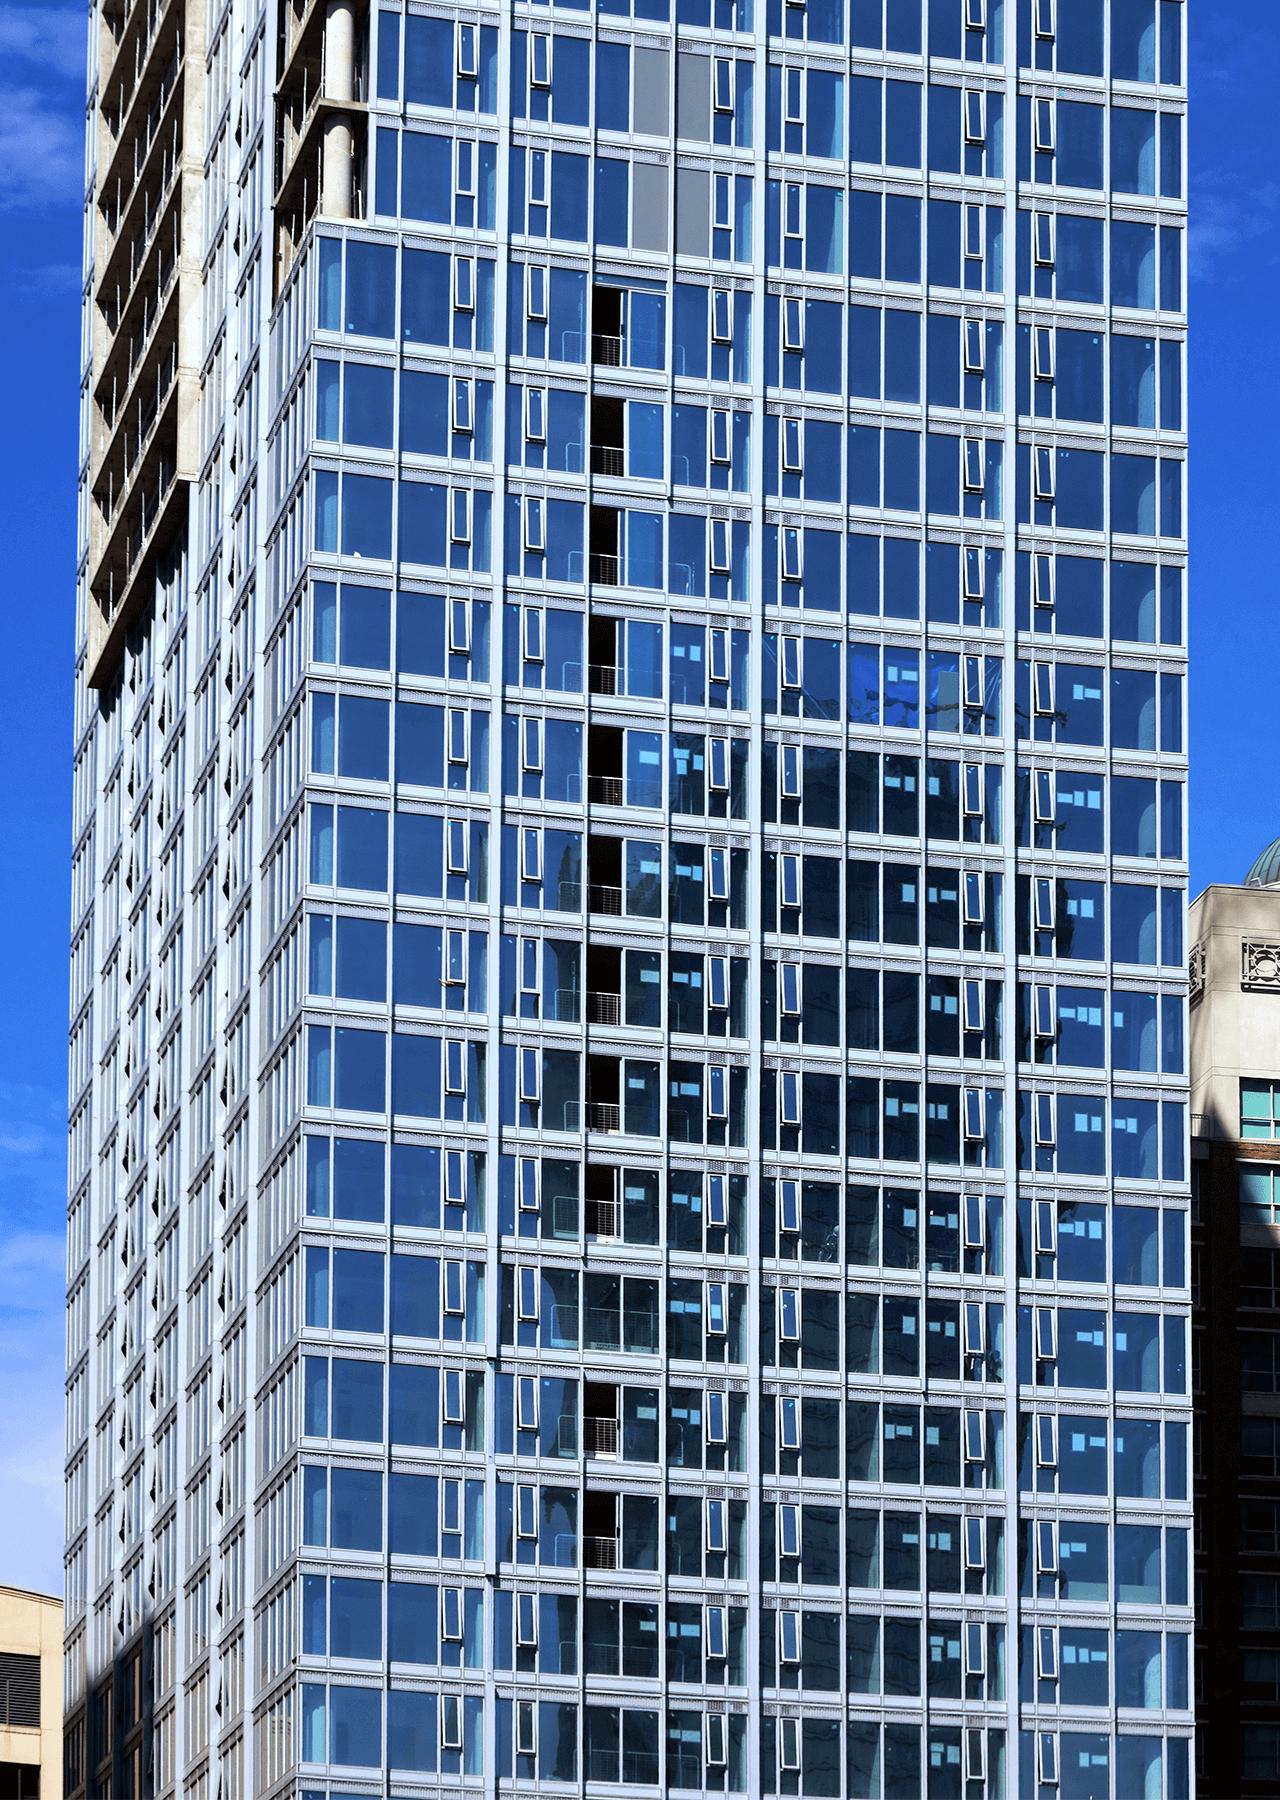 200 Cumberland building